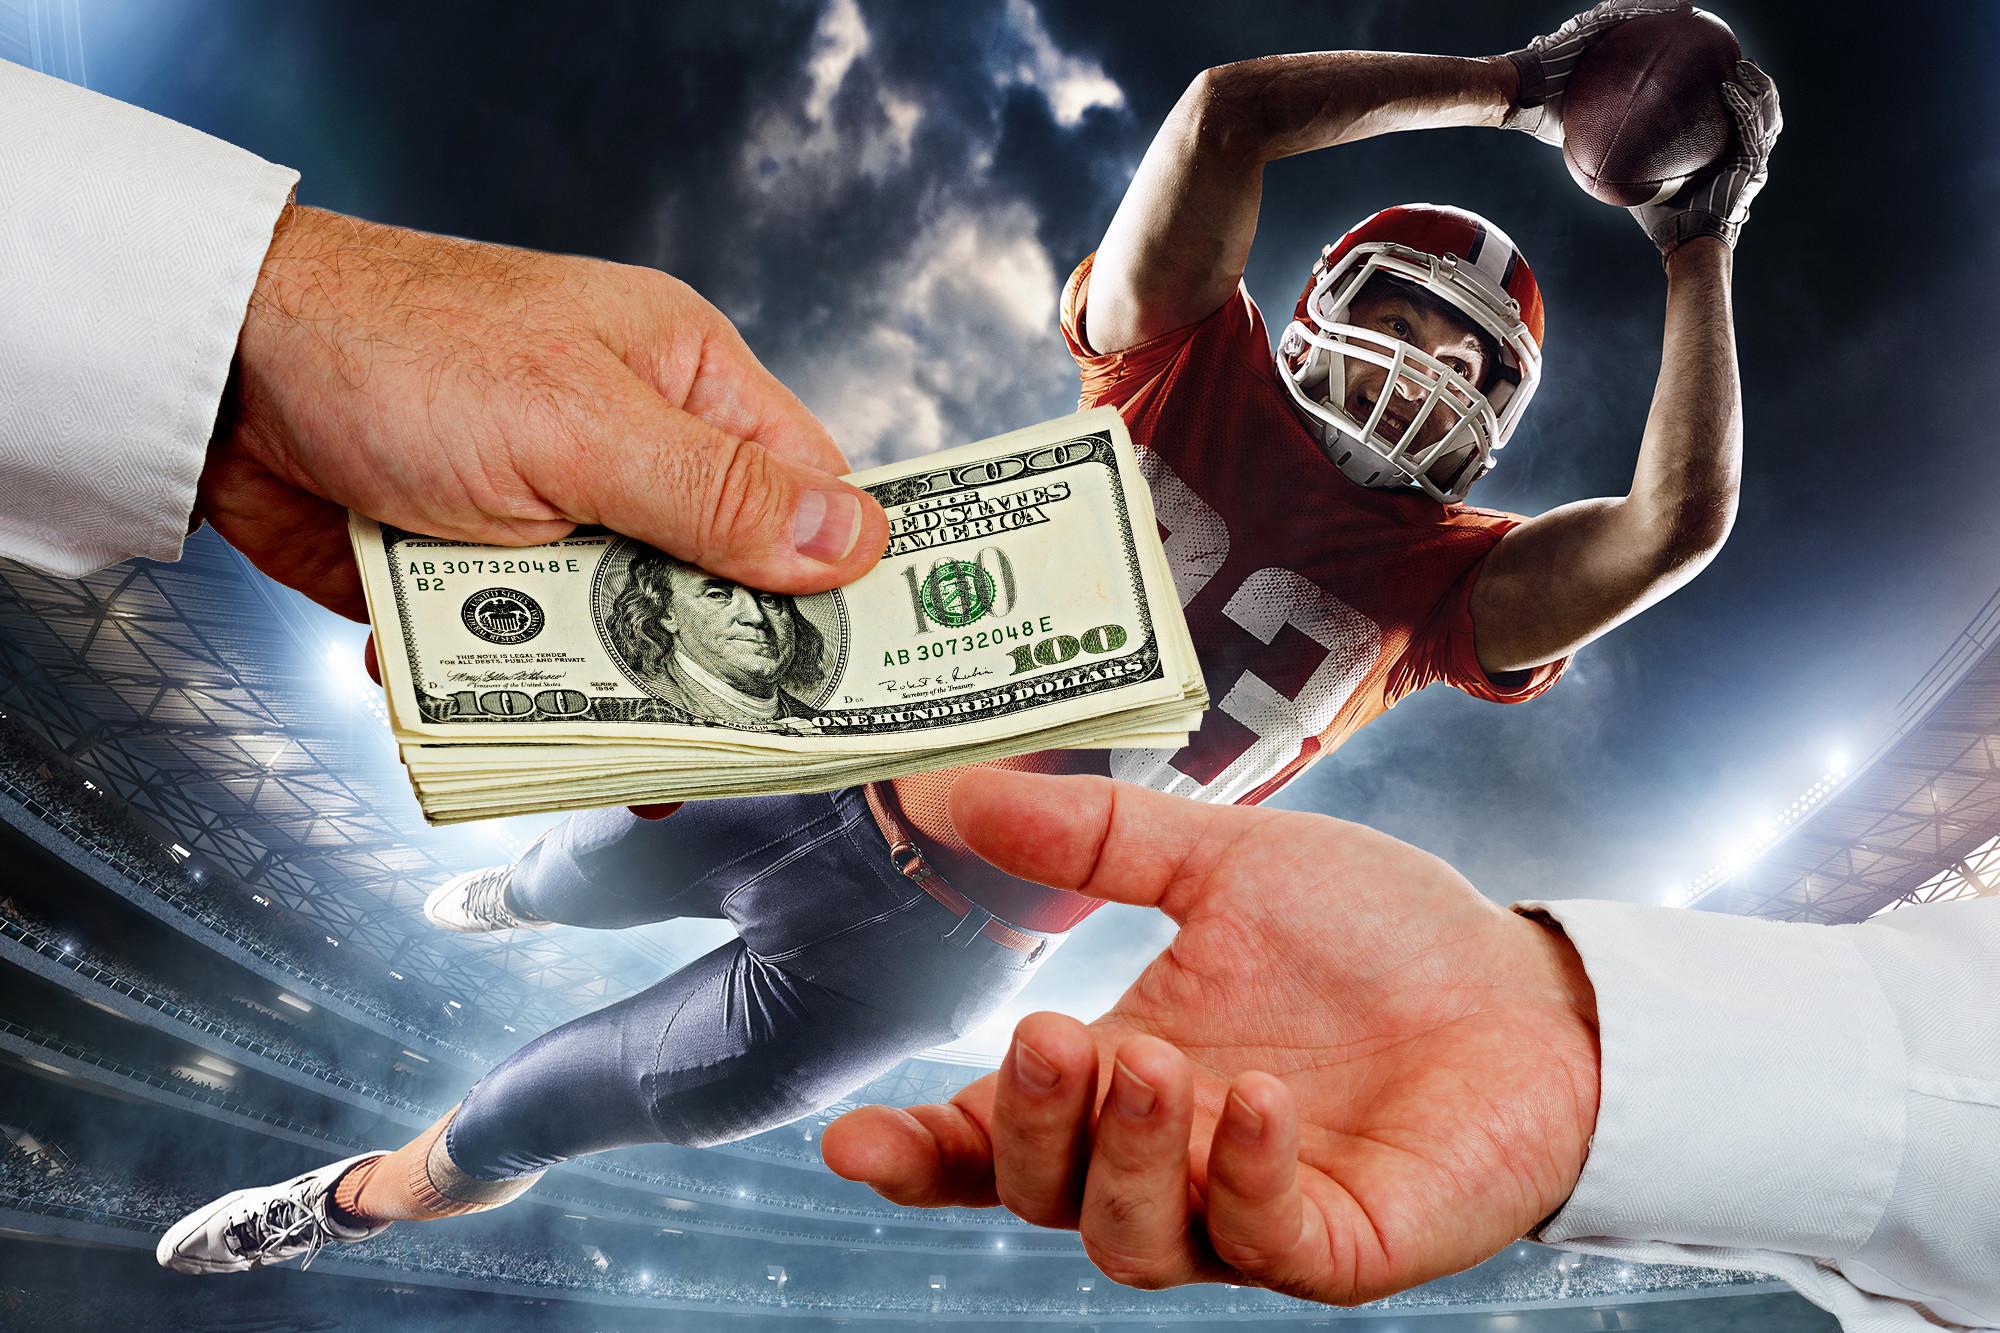 Чтобы заключать выигрышные пари, необходимо разбираться в спорте